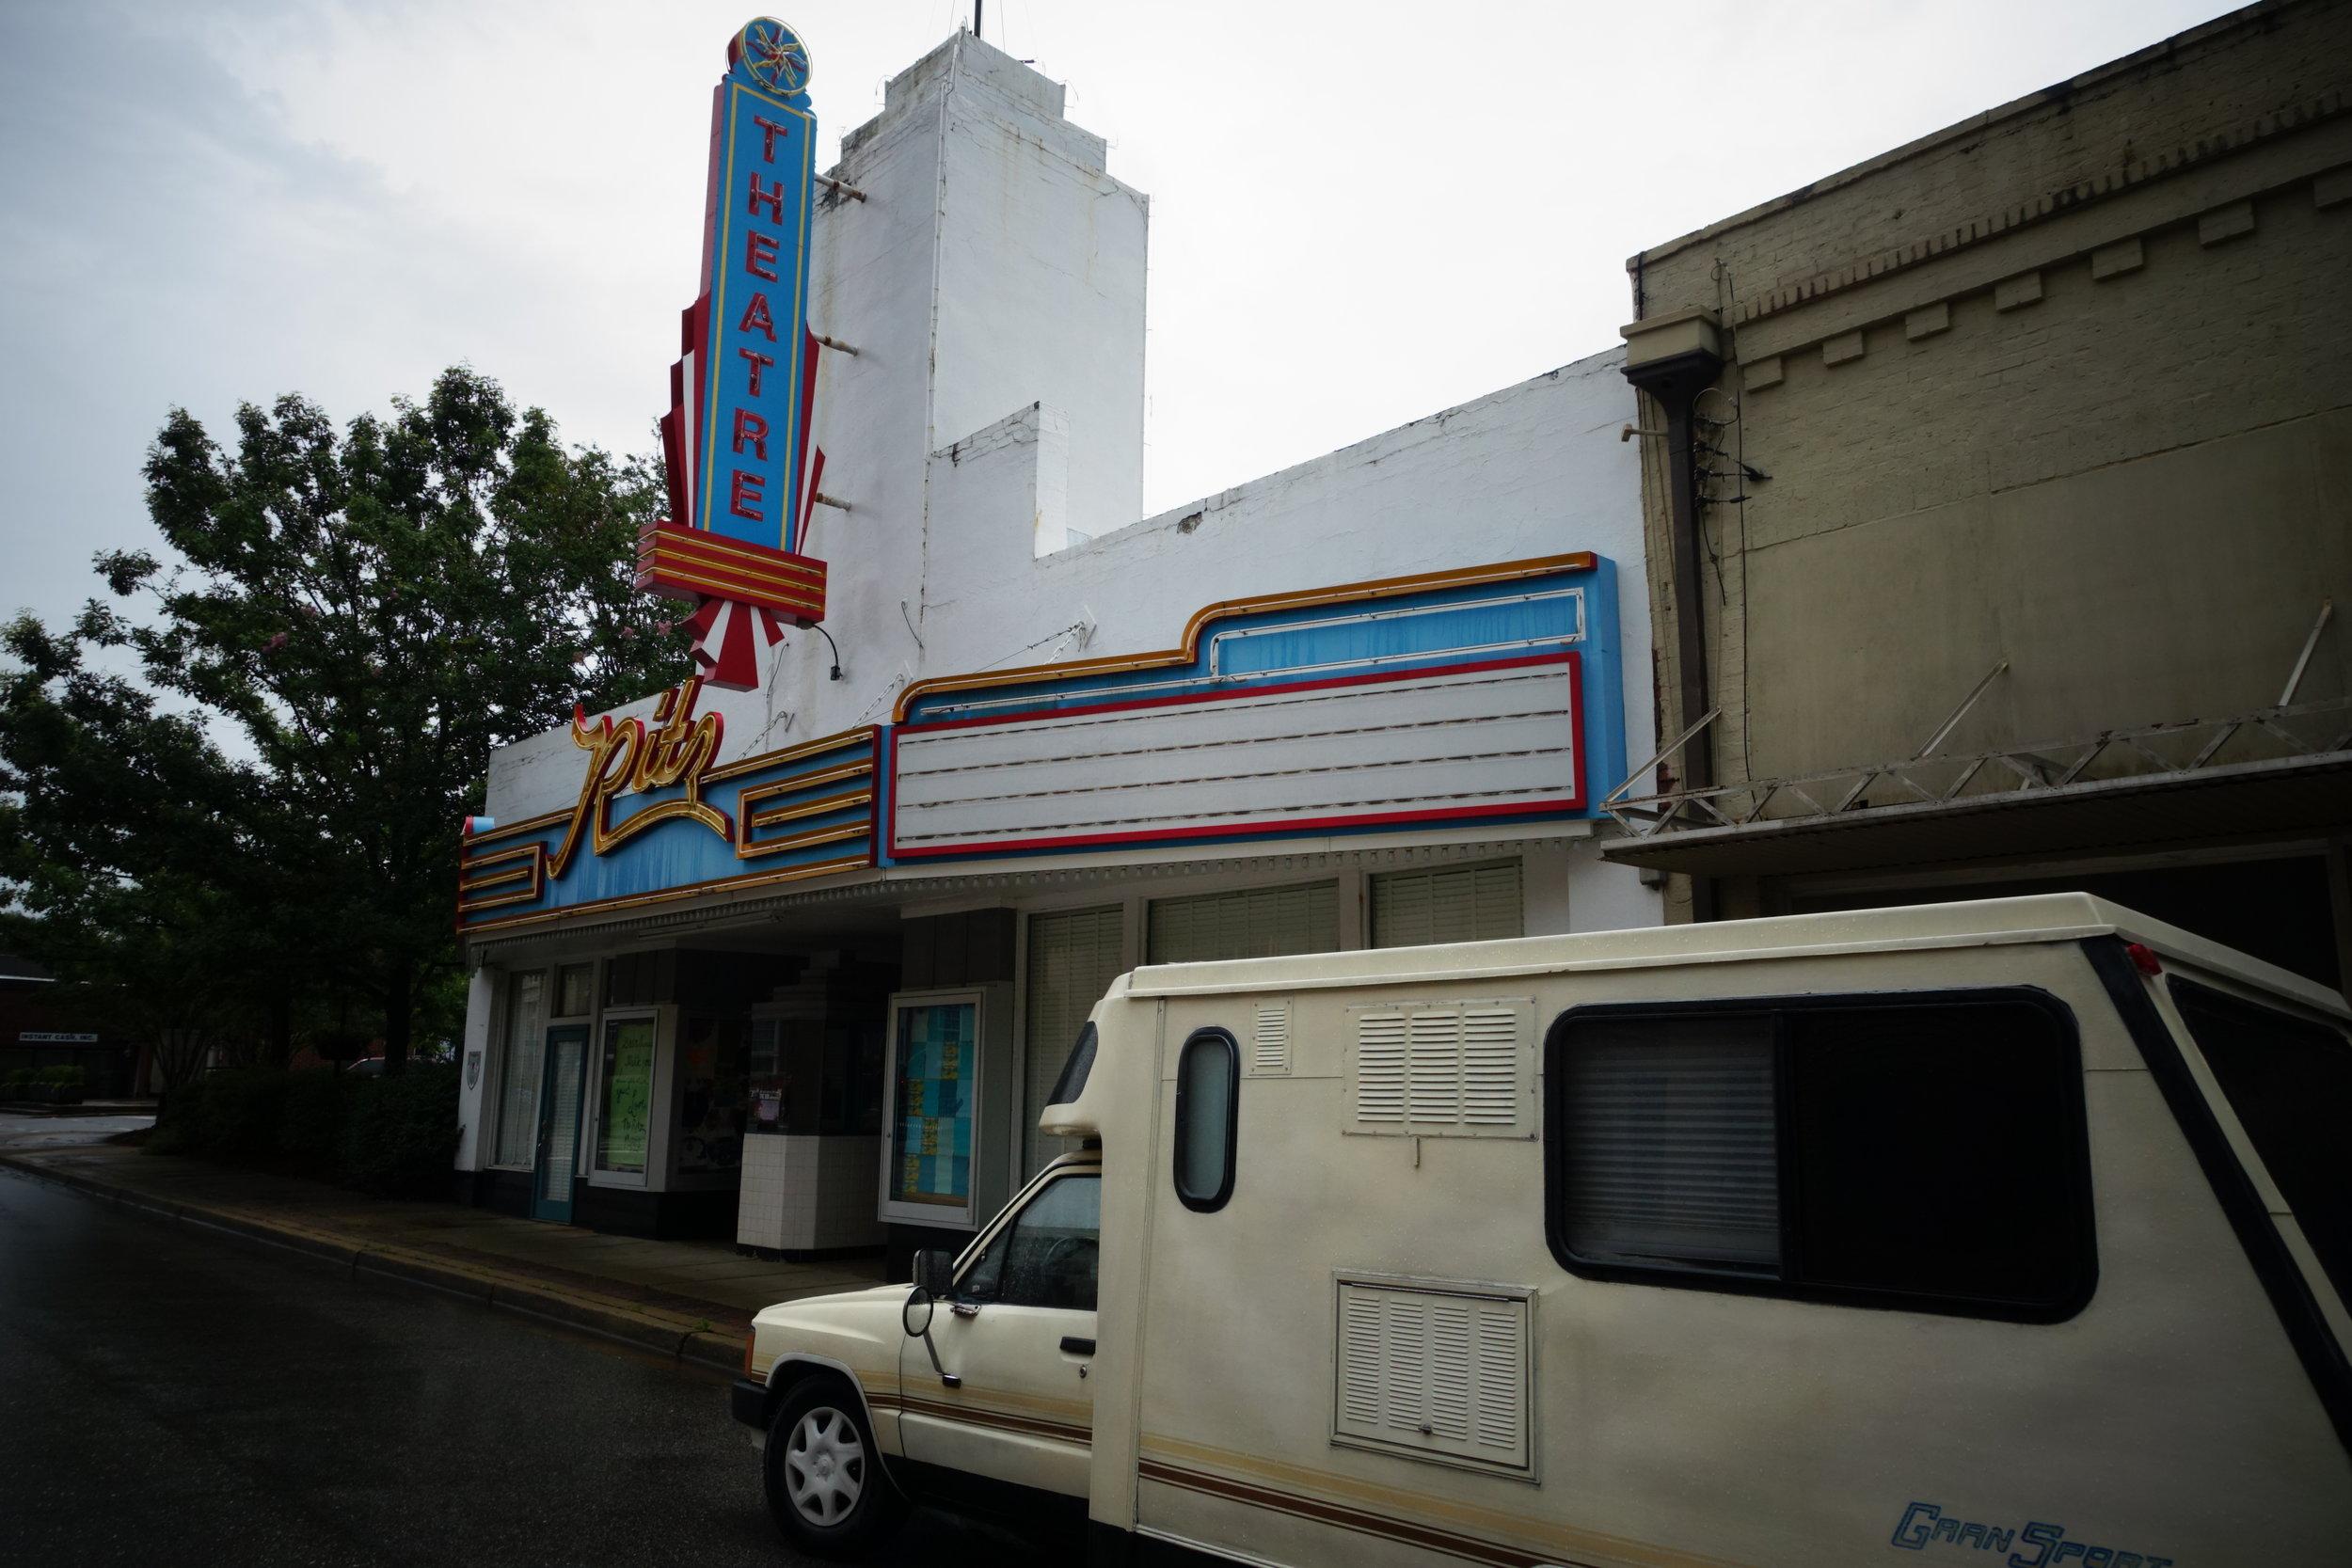 The Ritz Theatre in Greenville, AL